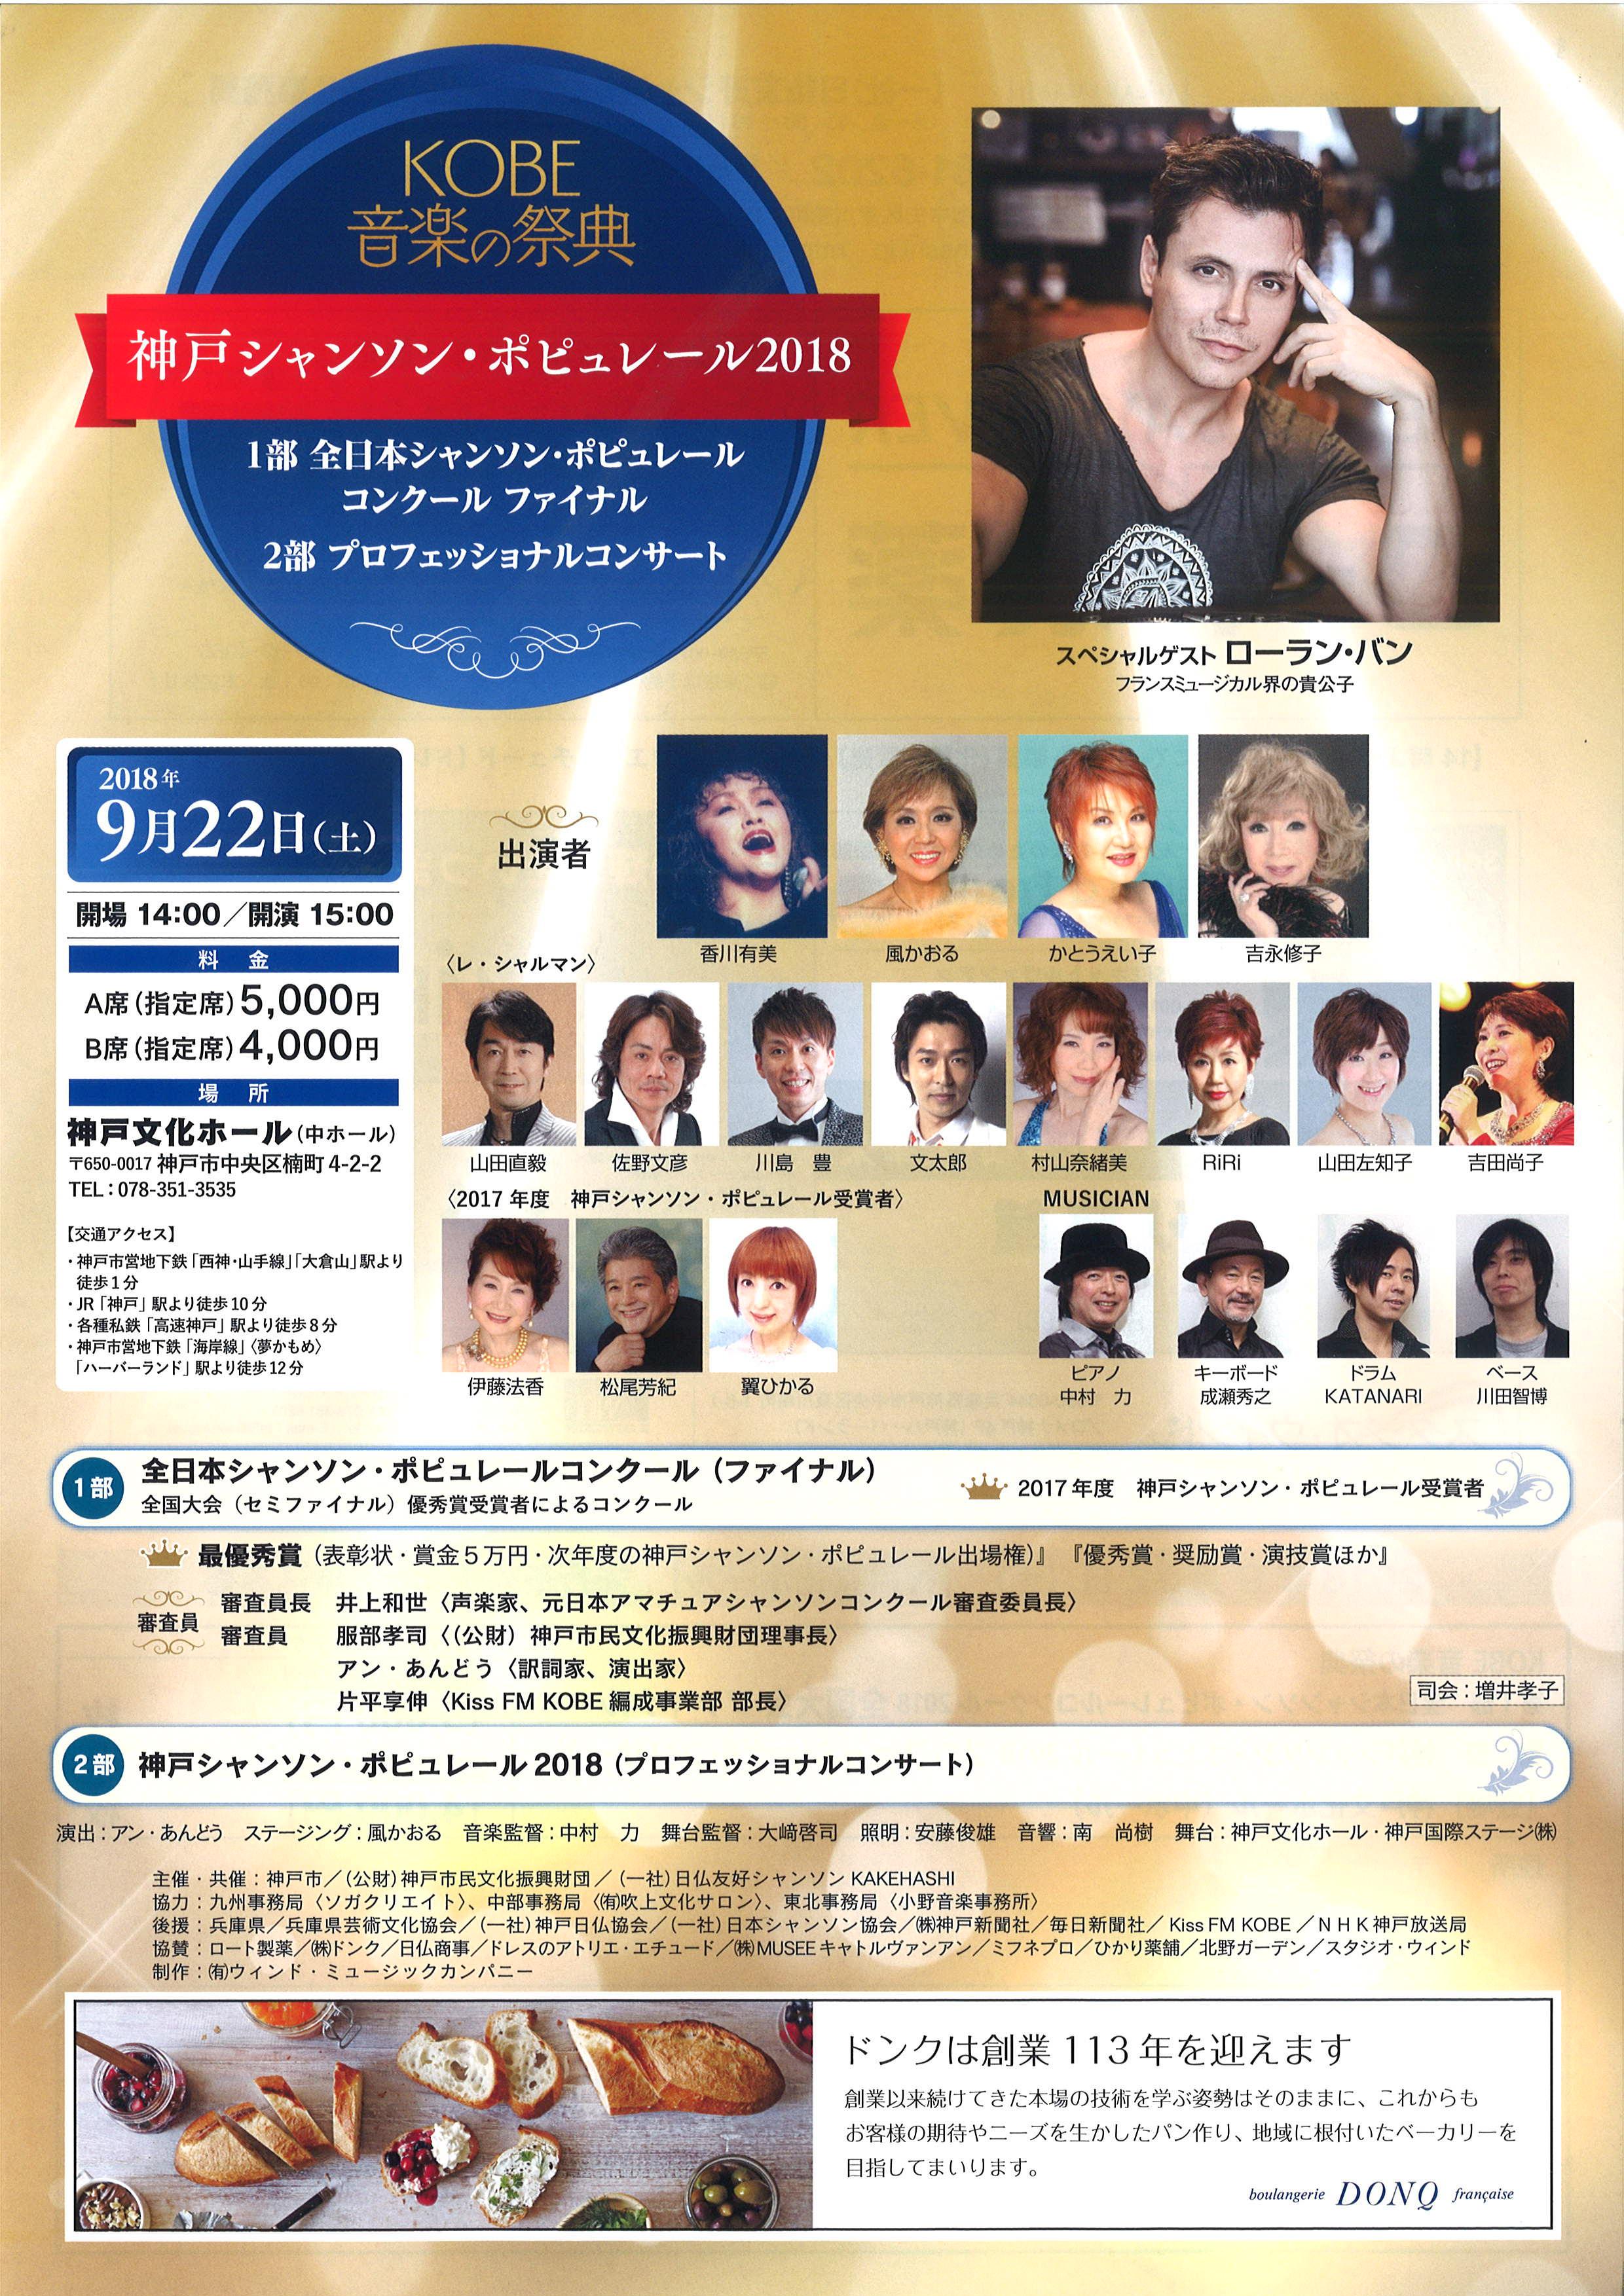 KOBE音楽の祭典 神戸シャンソン・ポピュレール2018.jpg